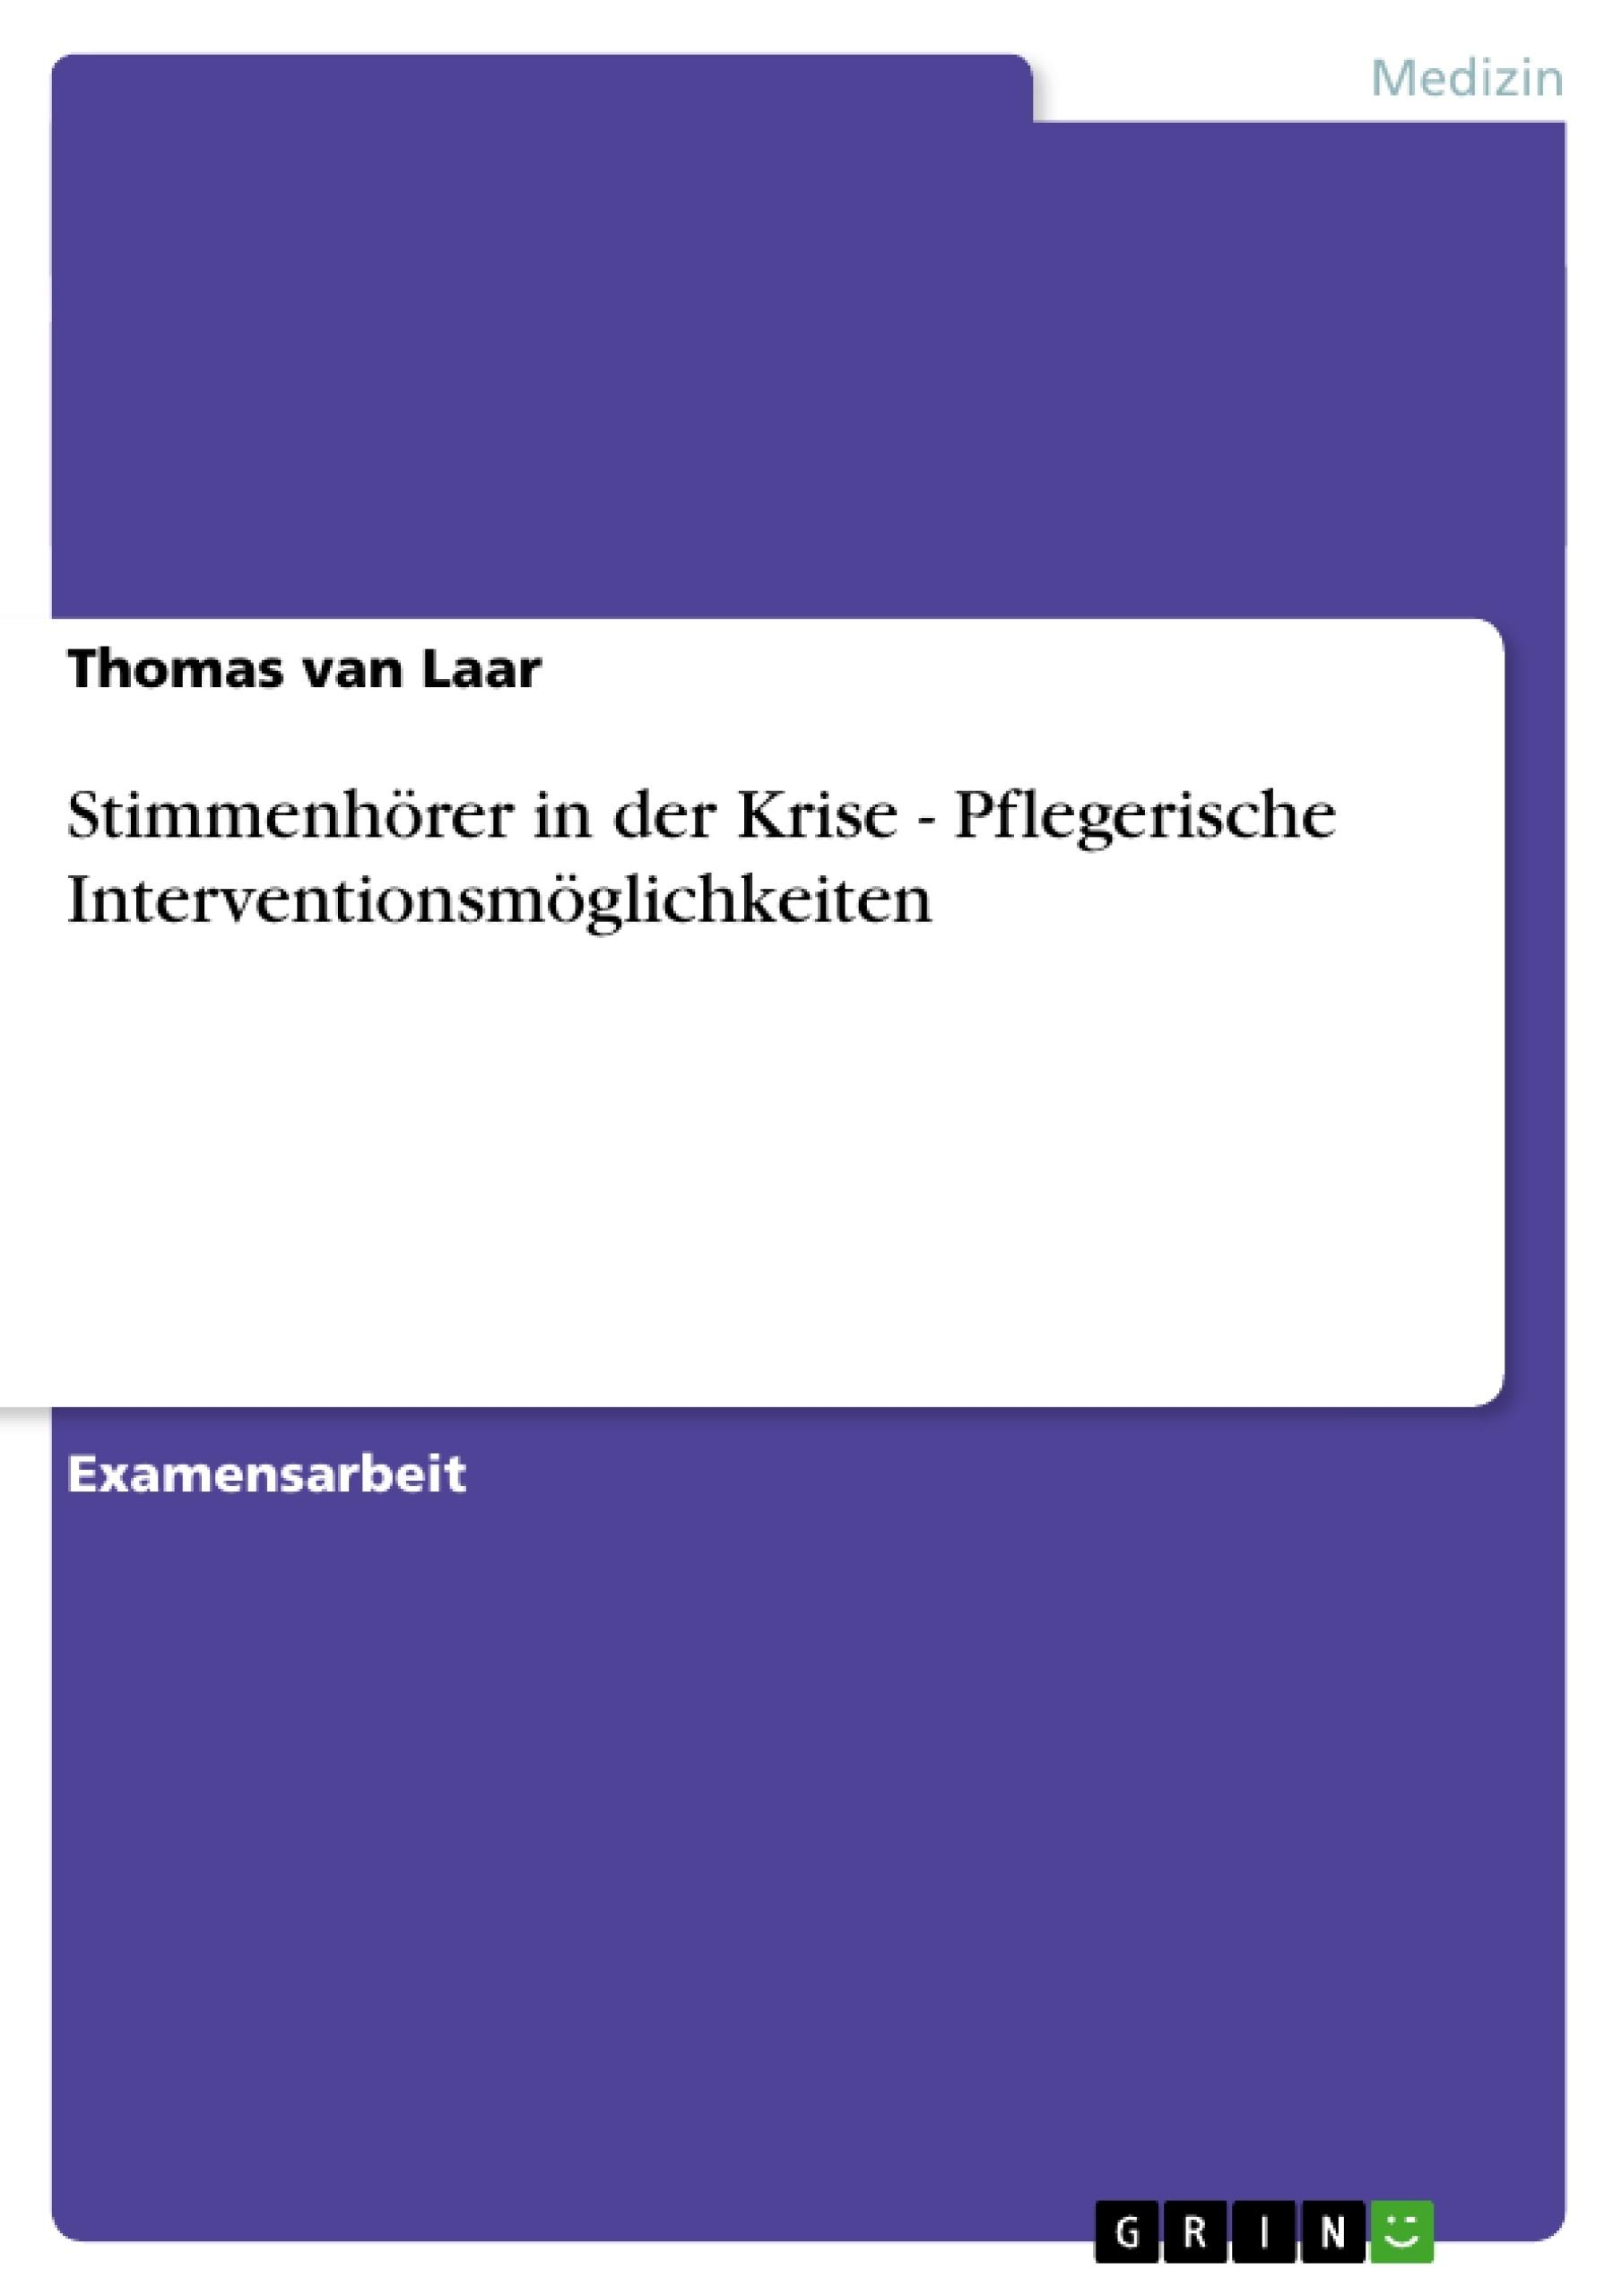 Titel: Stimmenhörer in der Krise - Pflegerische Interventionsmöglichkeiten